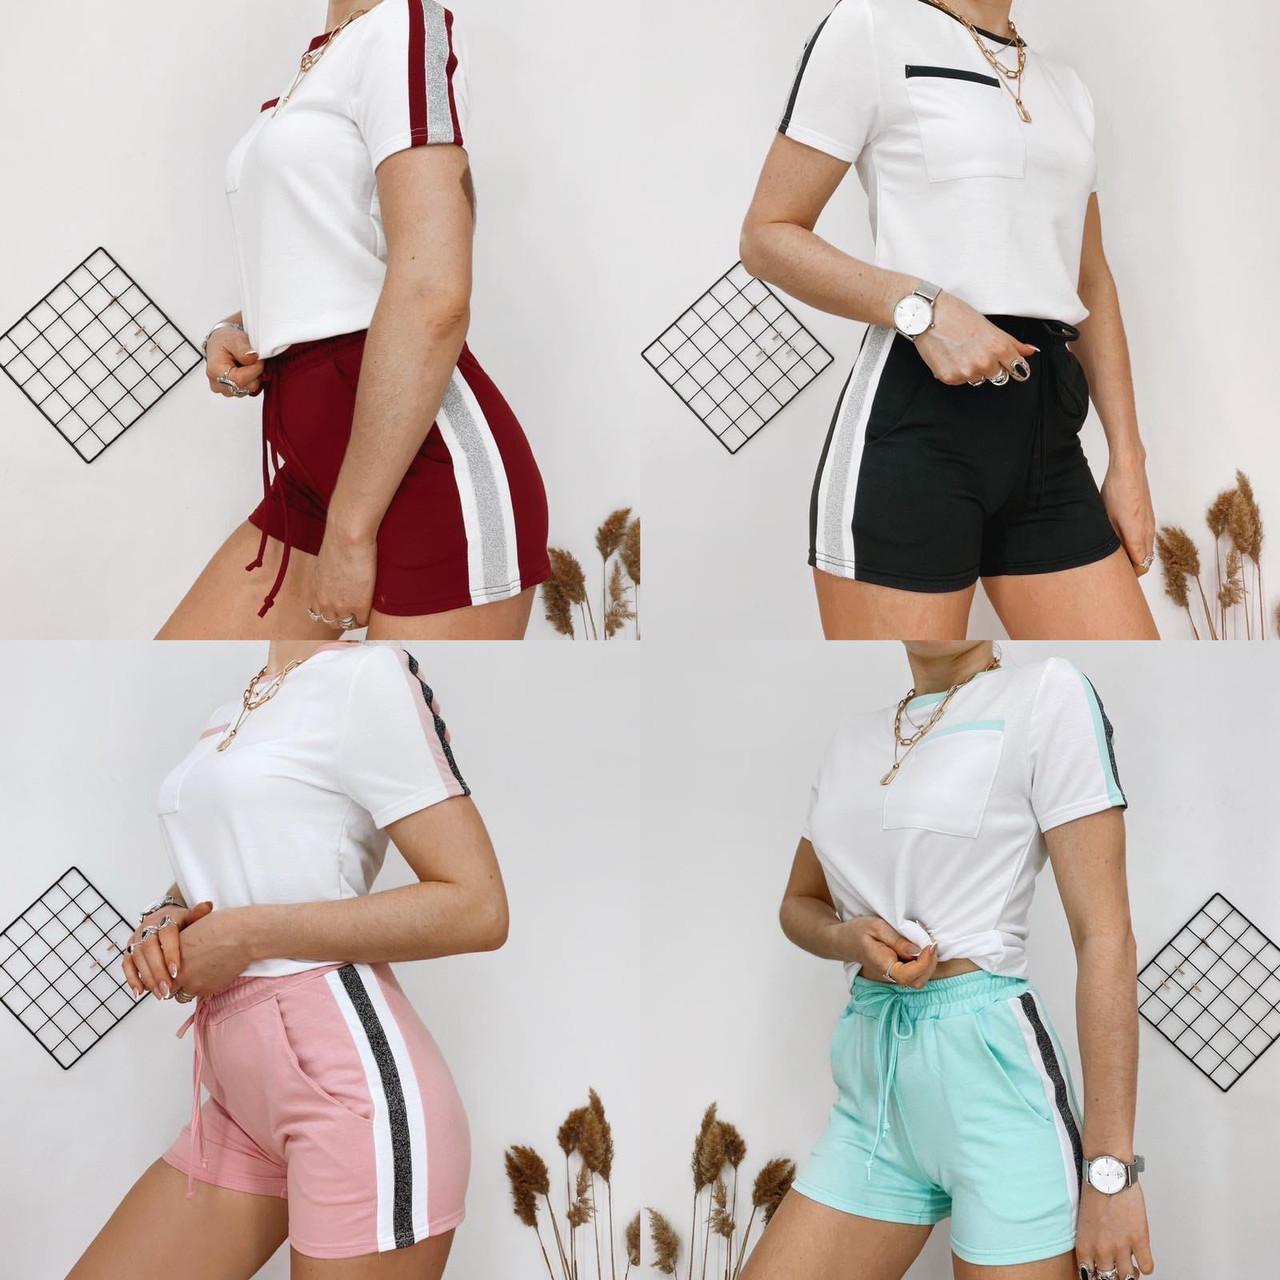 Летний женский спортивный костюм, футболка с шортами, 4 цвета, р.42-44; 44-46,46-48  код 181Р